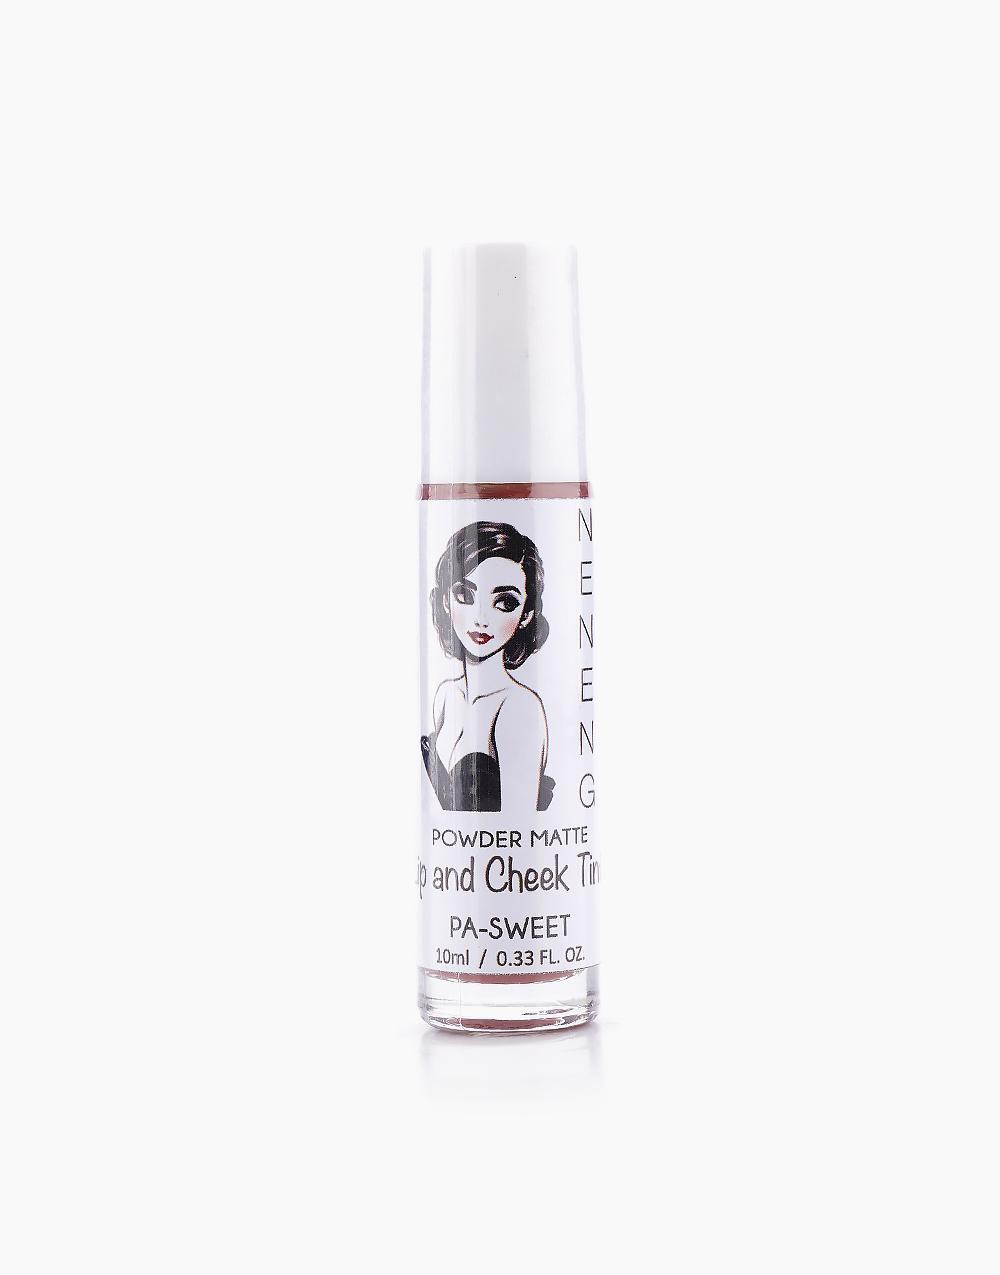 Powder Matte Lip and Cheek Tint by Neneng | Pa-Sweet (Blushy Nude)